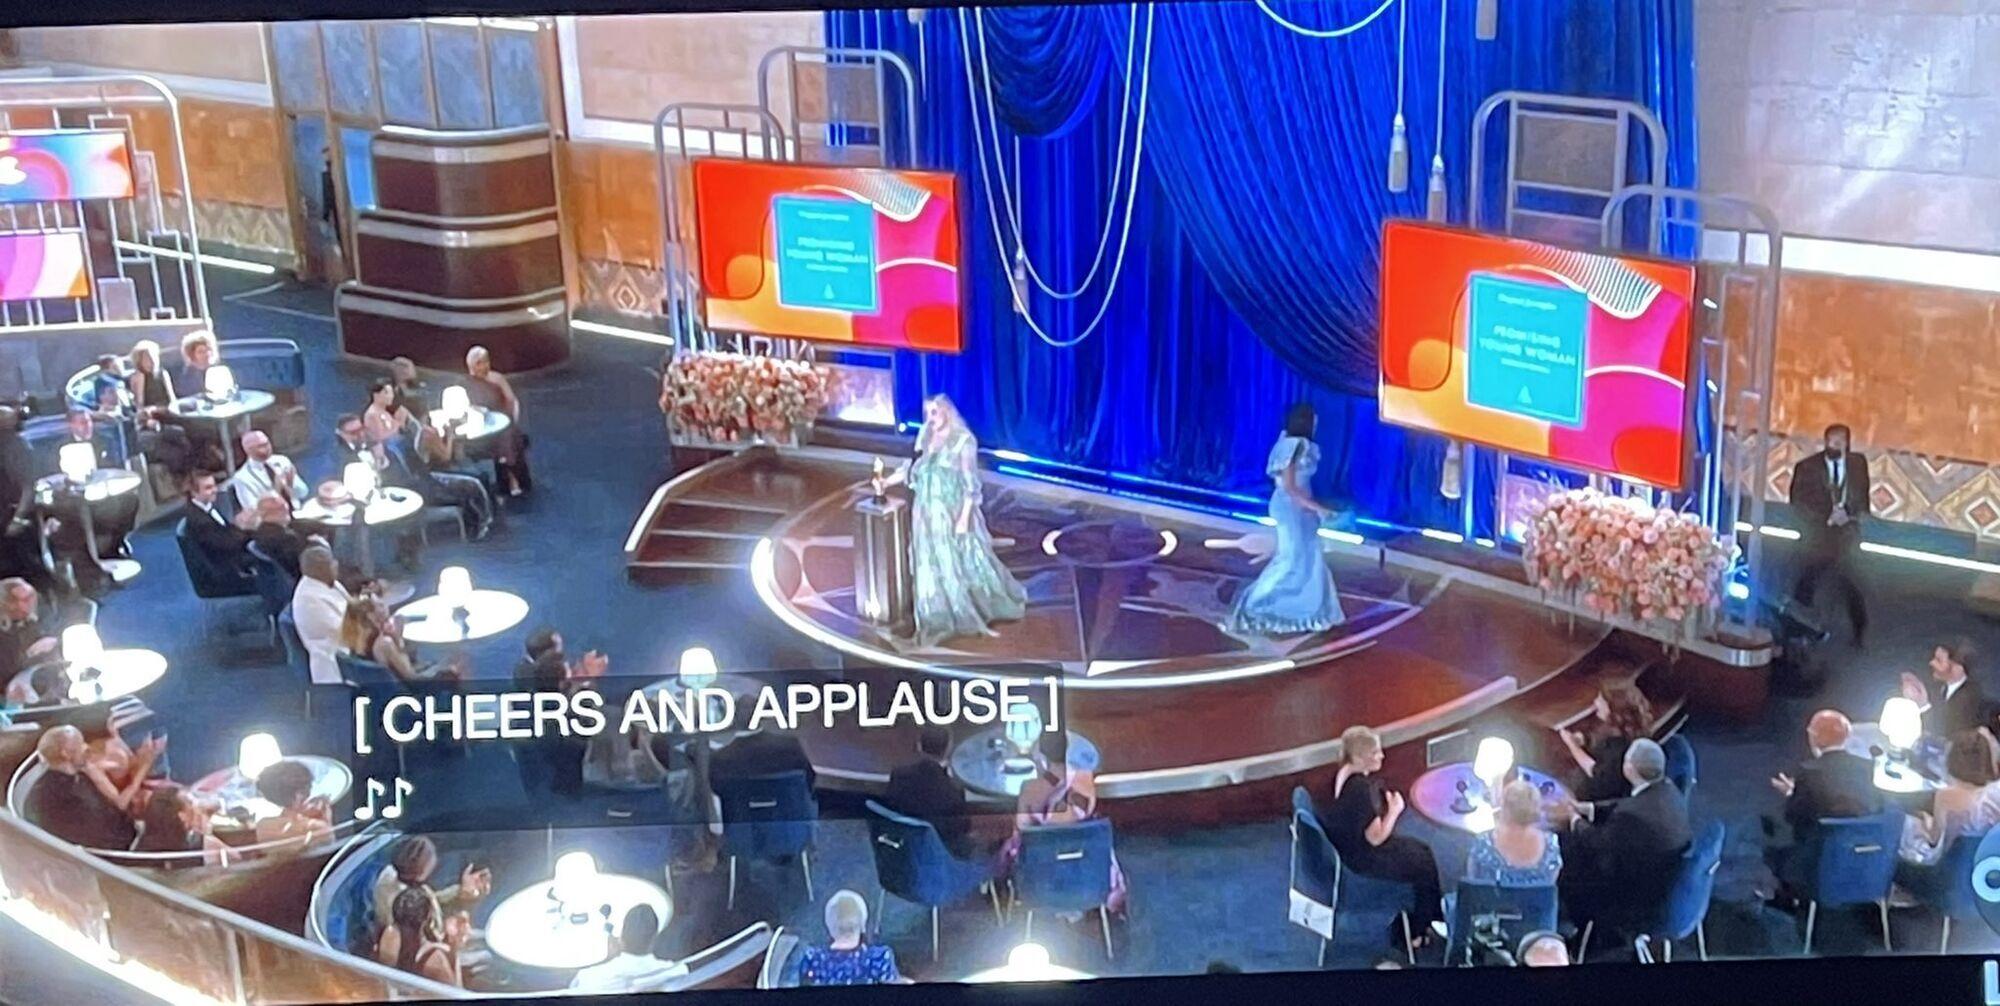 """Во время трансляции """"Оскара"""" в знаменитом Dolby Theatre, казалось, что людей в зале не было"""